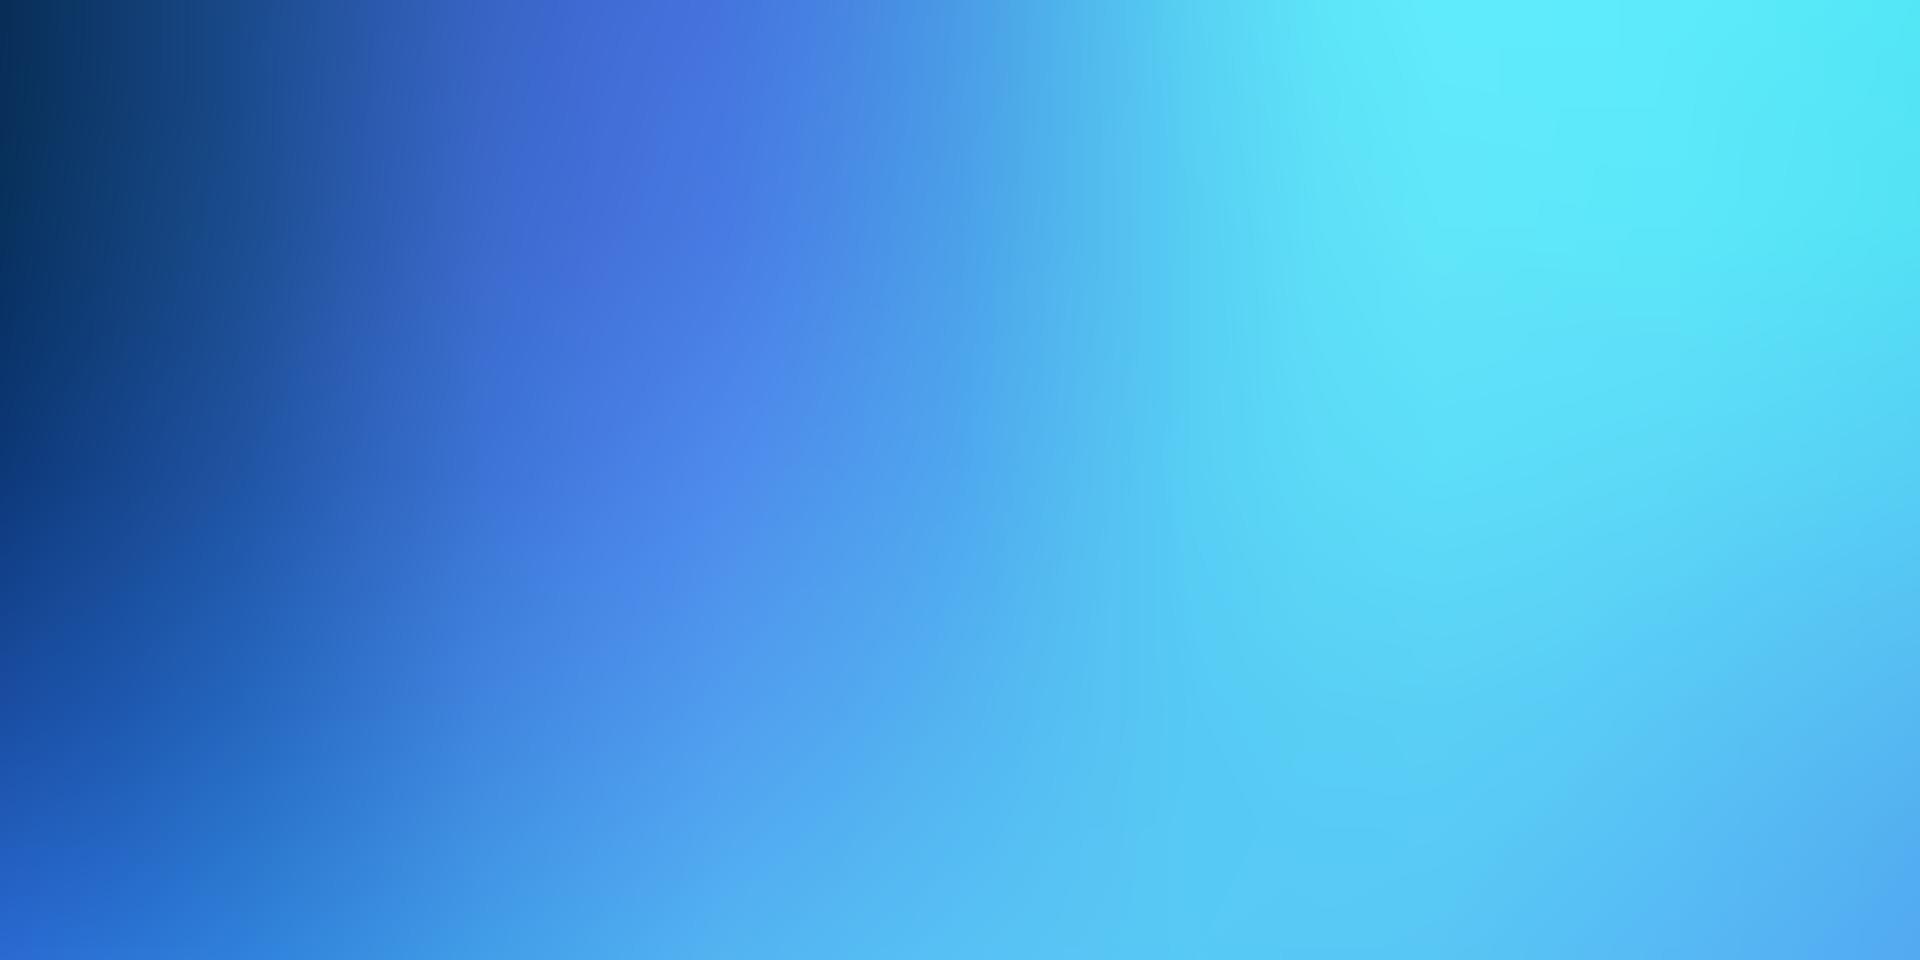 patrón borroso vector rosa claro, azul.